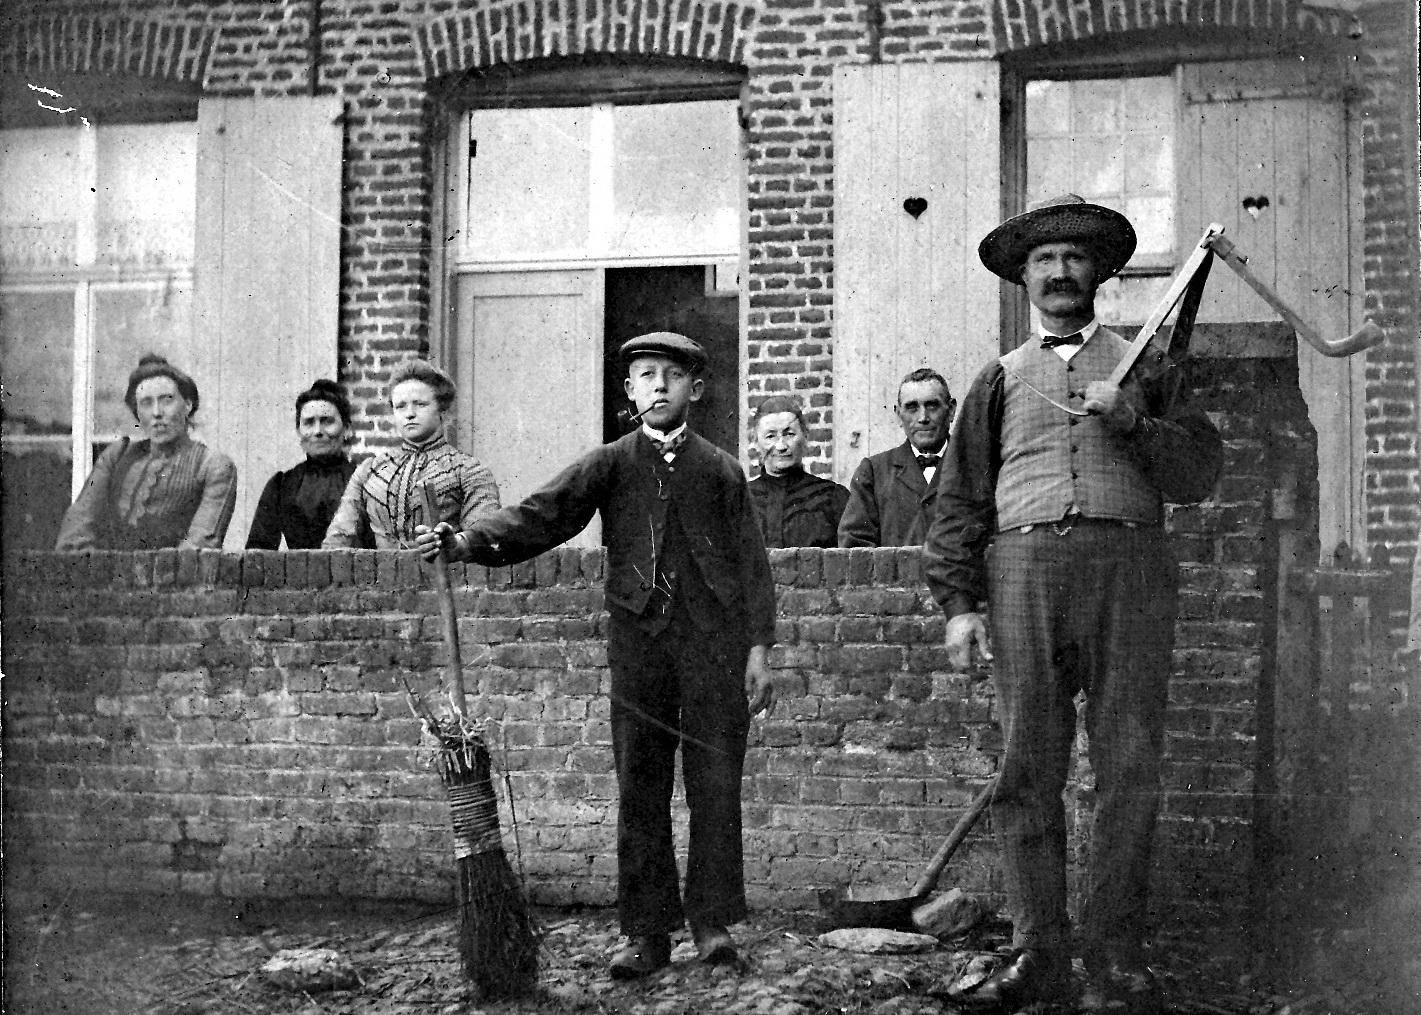 Au Coeur des Hotes famille Dumont exploitant la ferme en 1930